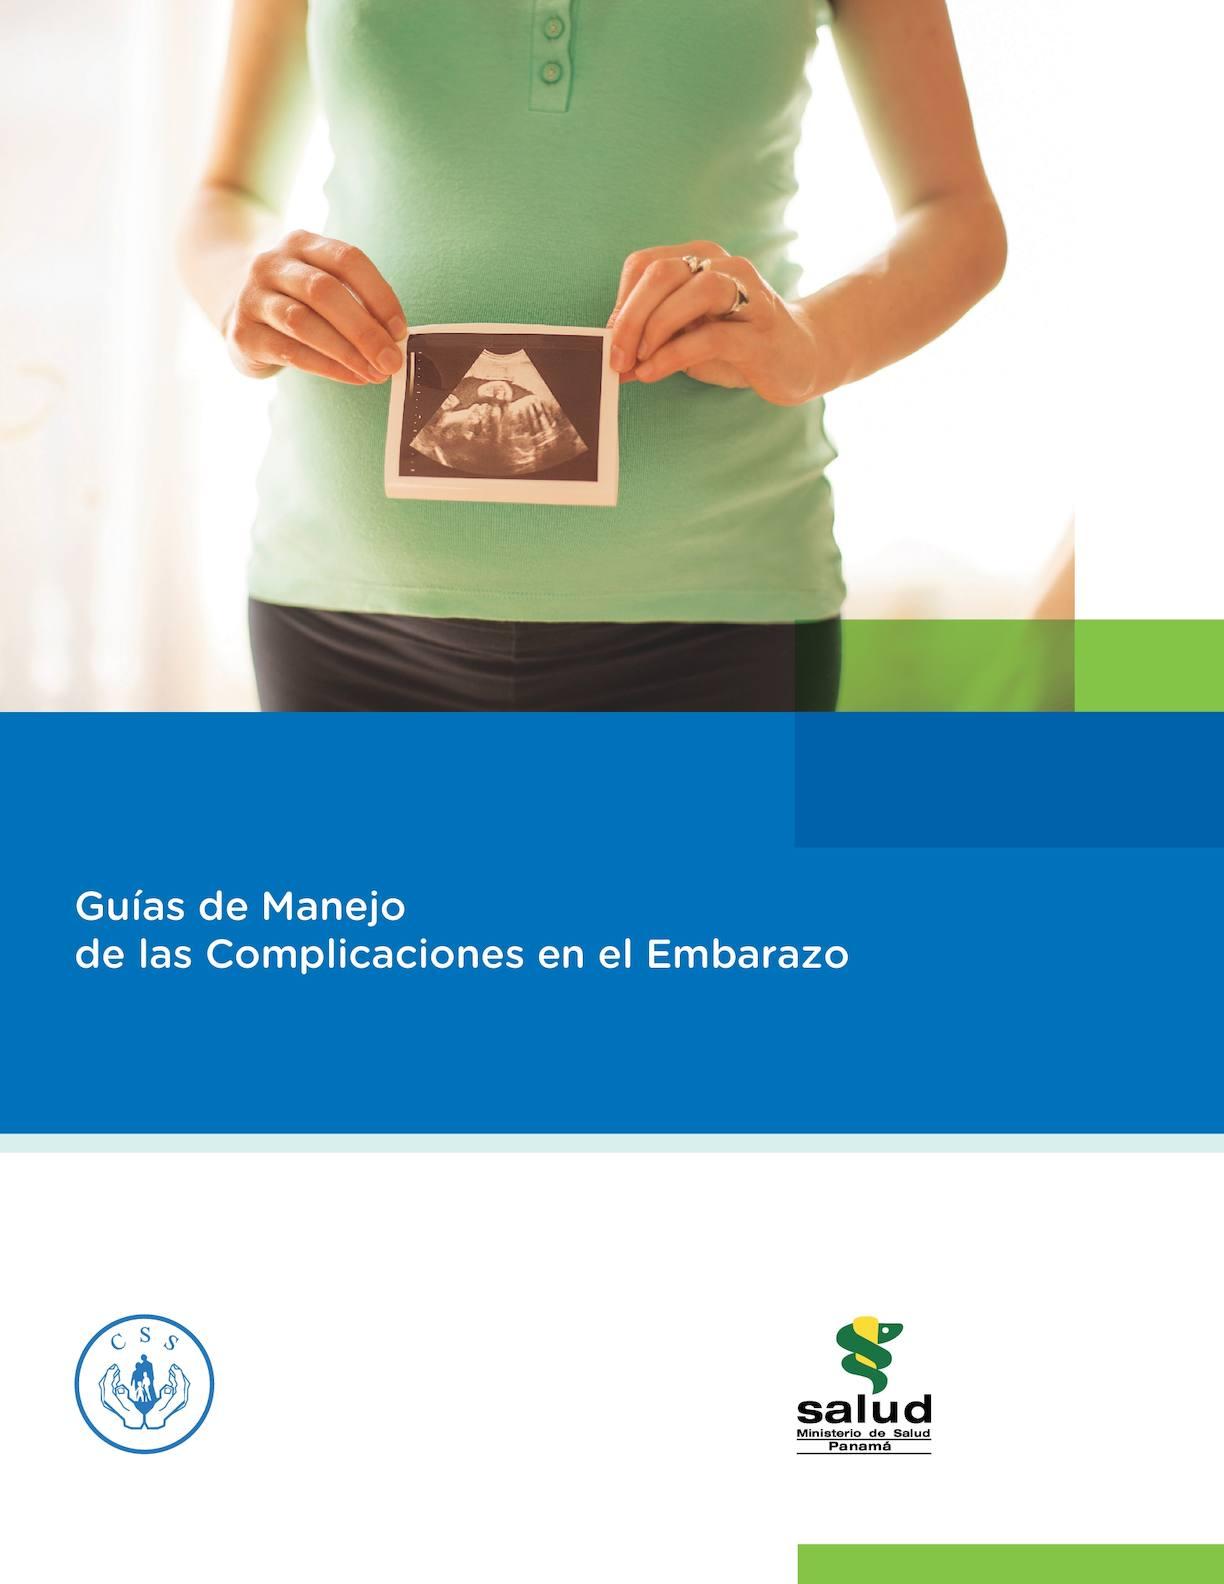 Guias Complicaciones Embarazo Diciembre 2015 (1)